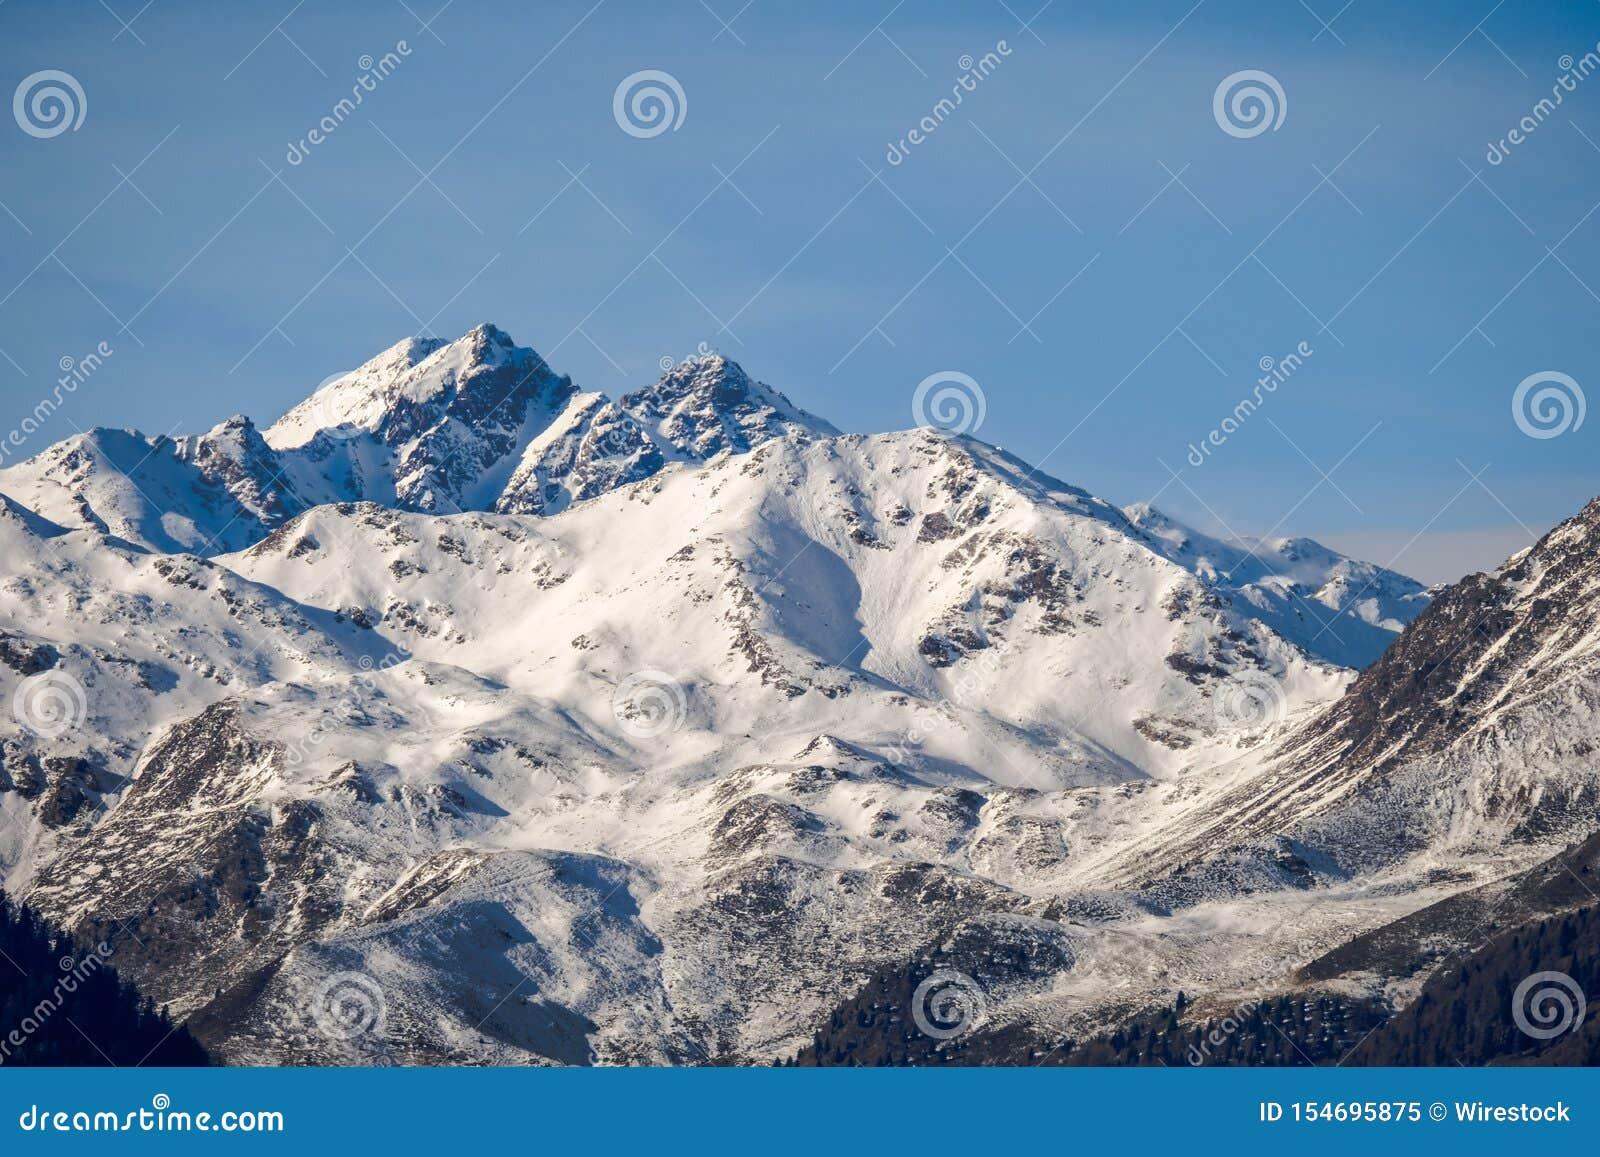 Красивая съемка снег-покрытой горы на солнечный день с ясным небом на заднем плане